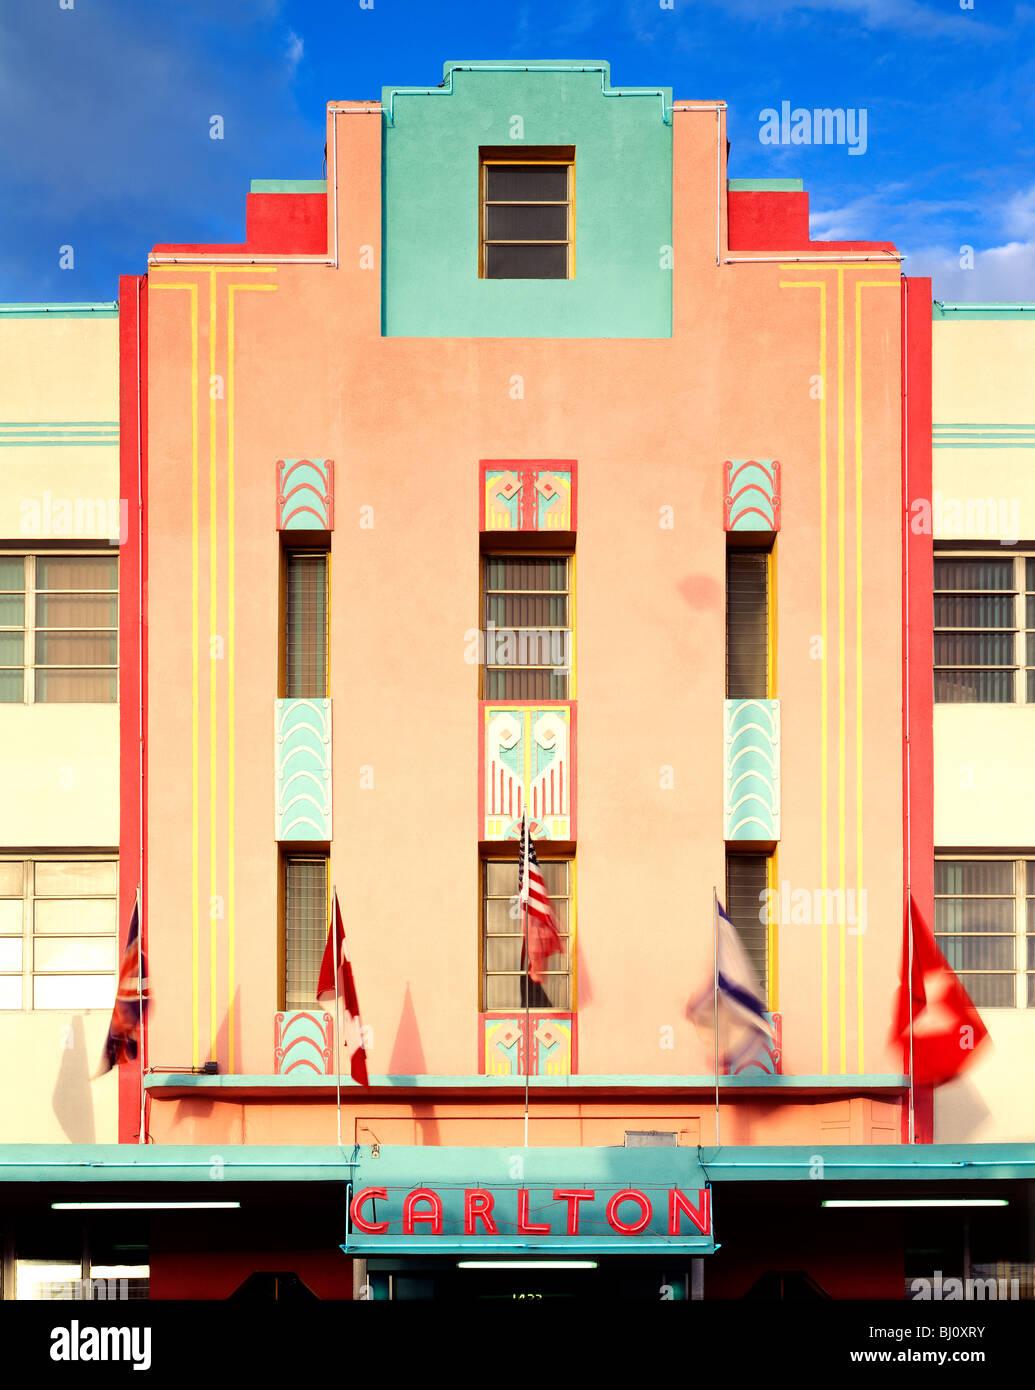 Carlton hôtel Art déco style architectural dans le bâtiment sud revitalisé Beach, Miami, Floride, Photo Stock